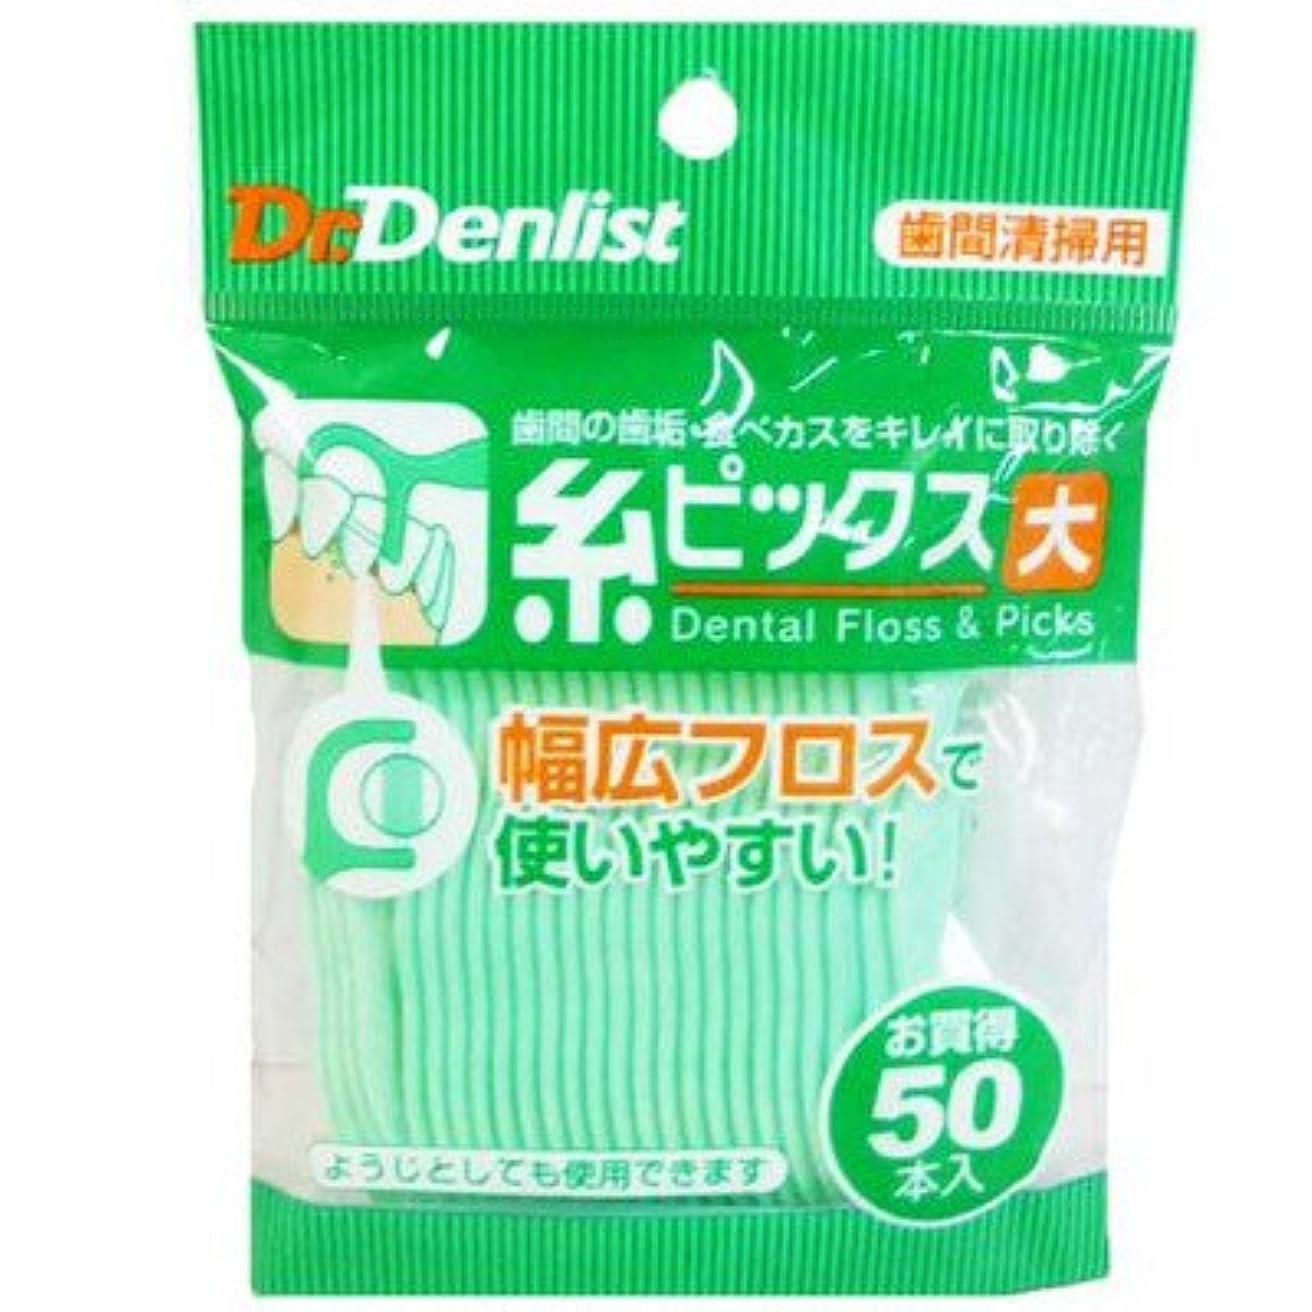 タクト相談円形Dr.デンリスト 糸ピックス大 50本入 (クリエイト)